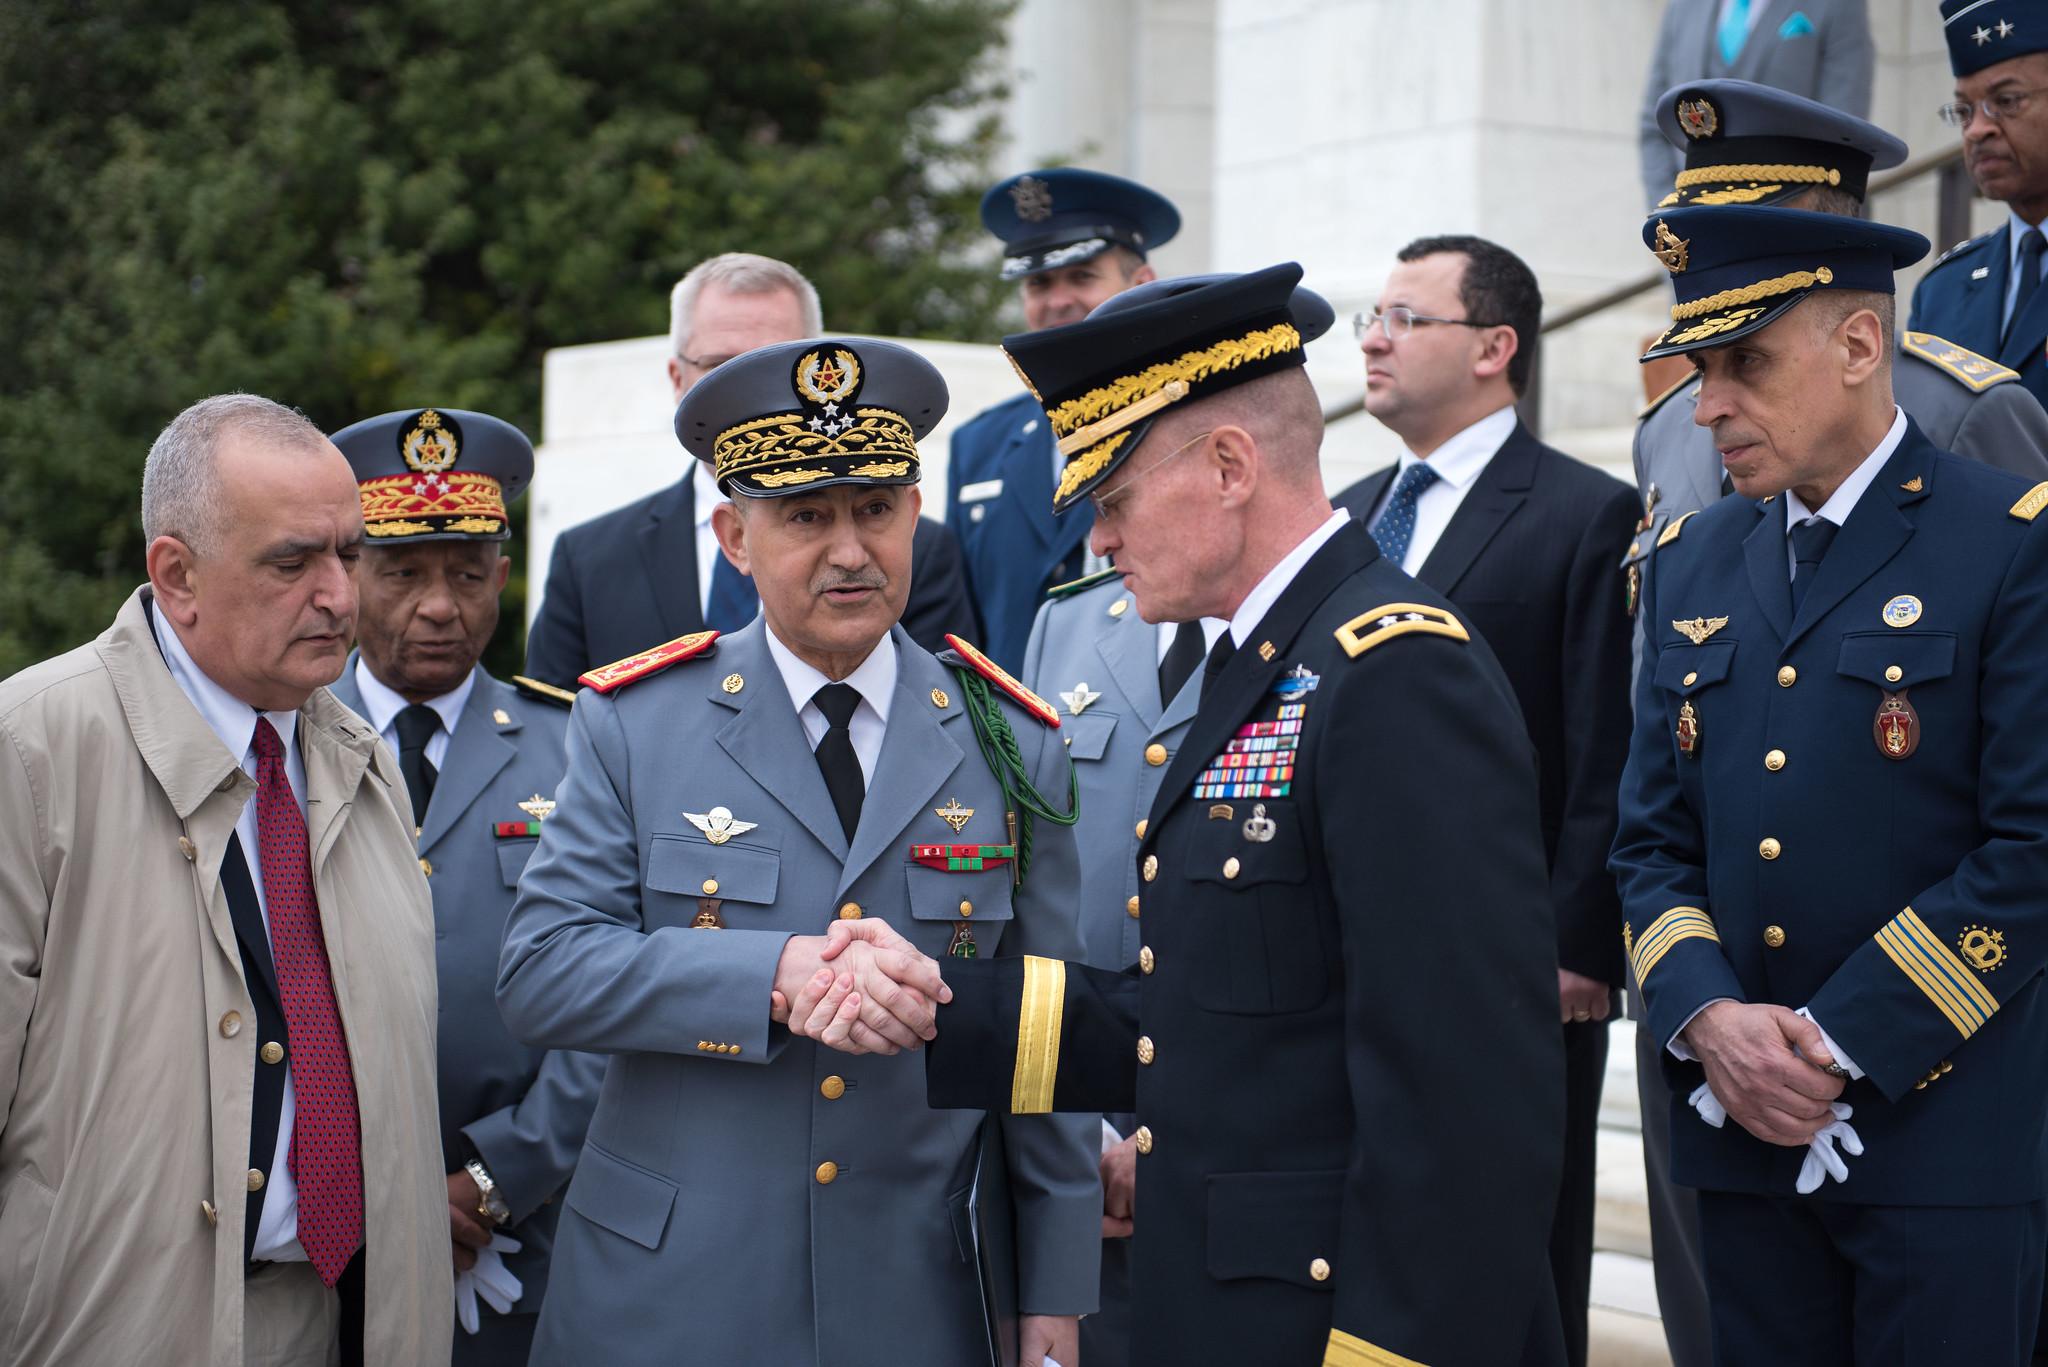 Cooperation militaire avec les USA - Page 5 27545002808_a380d635d4_k